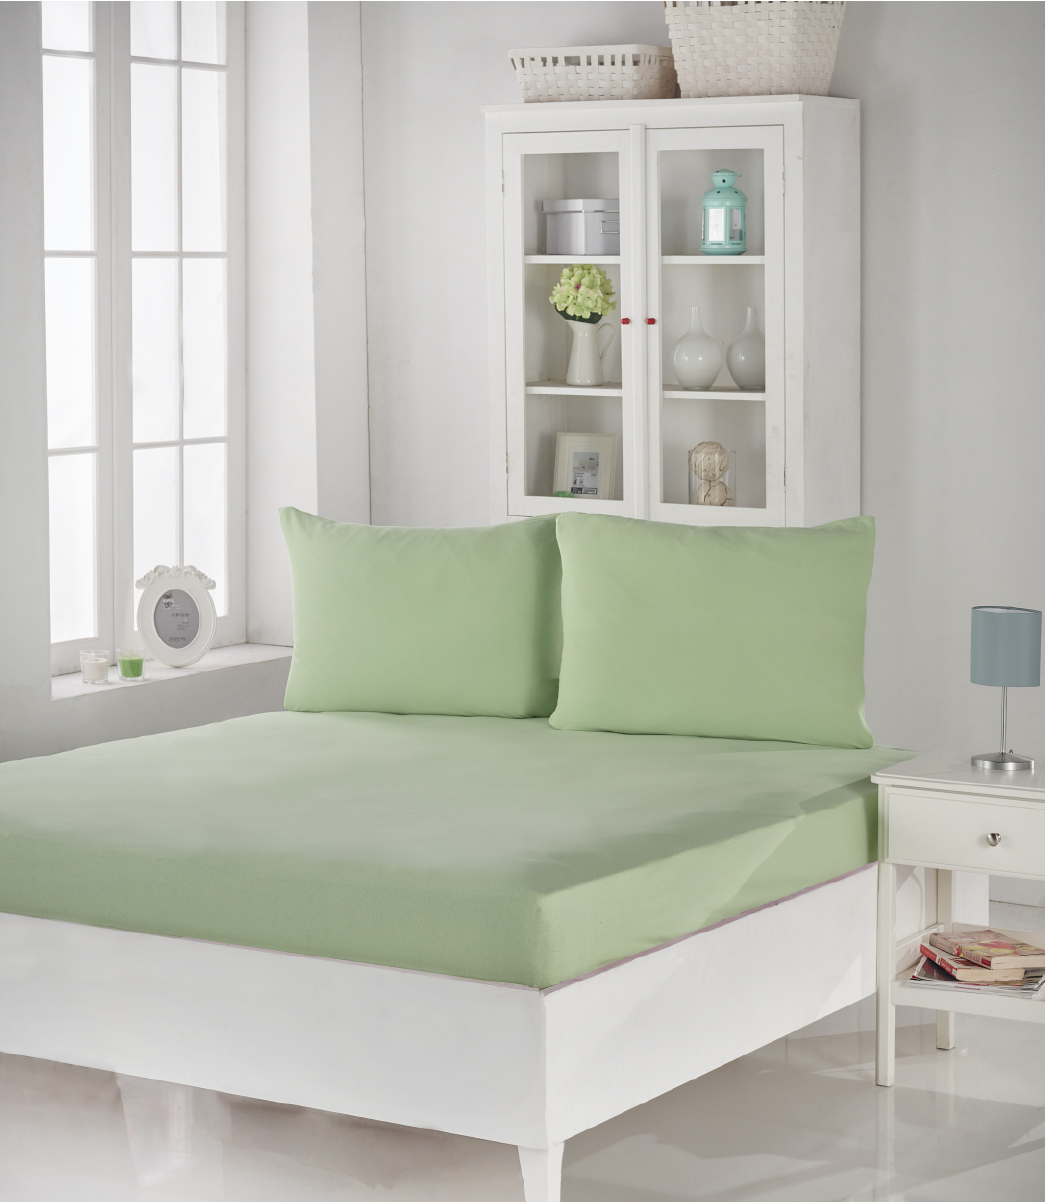 Купить Простыни Karna, Простыня на резинке Acelya Цвет: Светло-Зеленый (180х200), Турция, Хлопковый трикотаж